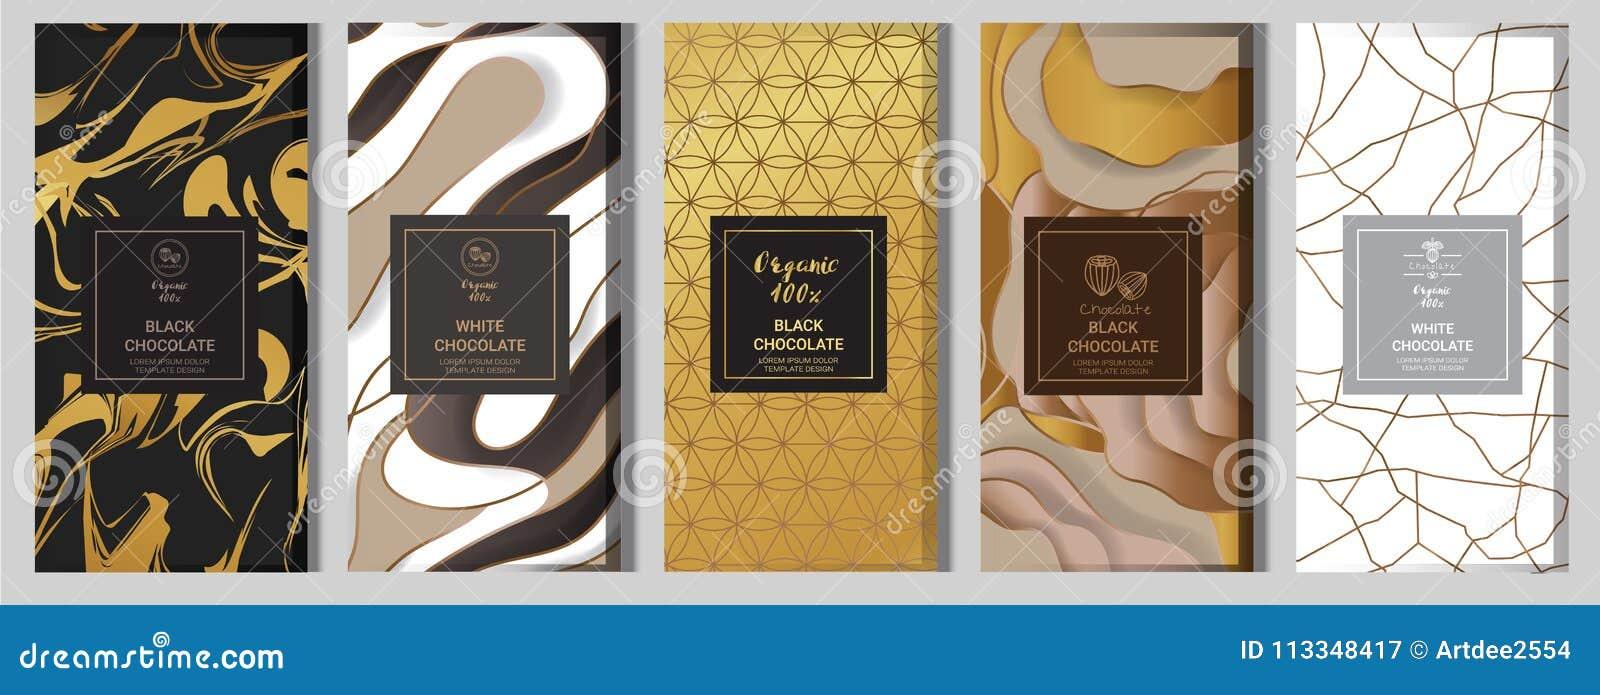 Zombaria de empacotamento da barra de chocolate configurada elementos, etiquetas, ícone, quadros